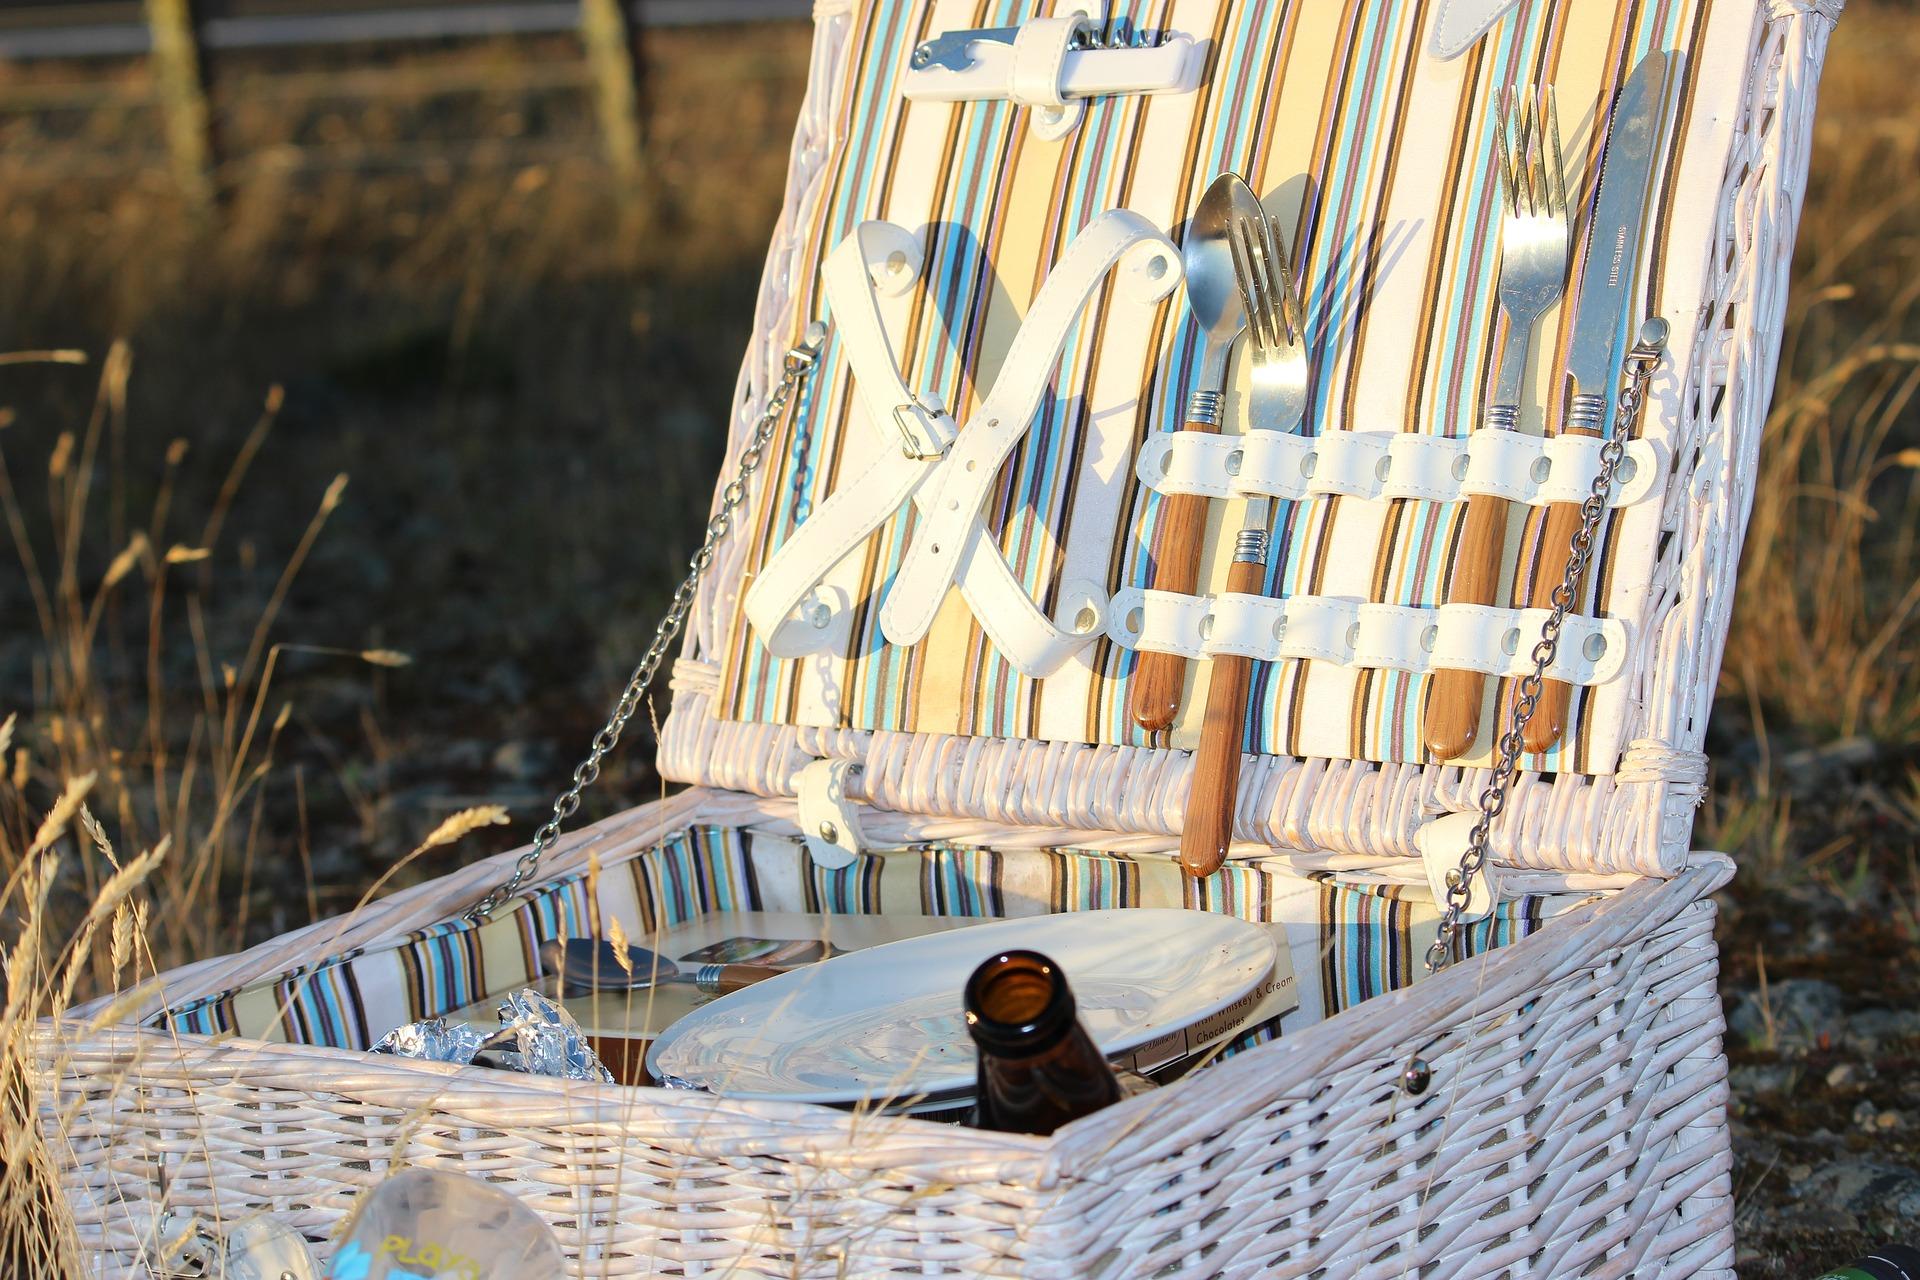 Photo d'un panier de pique-nique en osier blanc, intérieur rayé bleu ciel et blanc, avec nécessaire pour pique niquer, posé sur de l'herbe avec lumière du soleil couchant